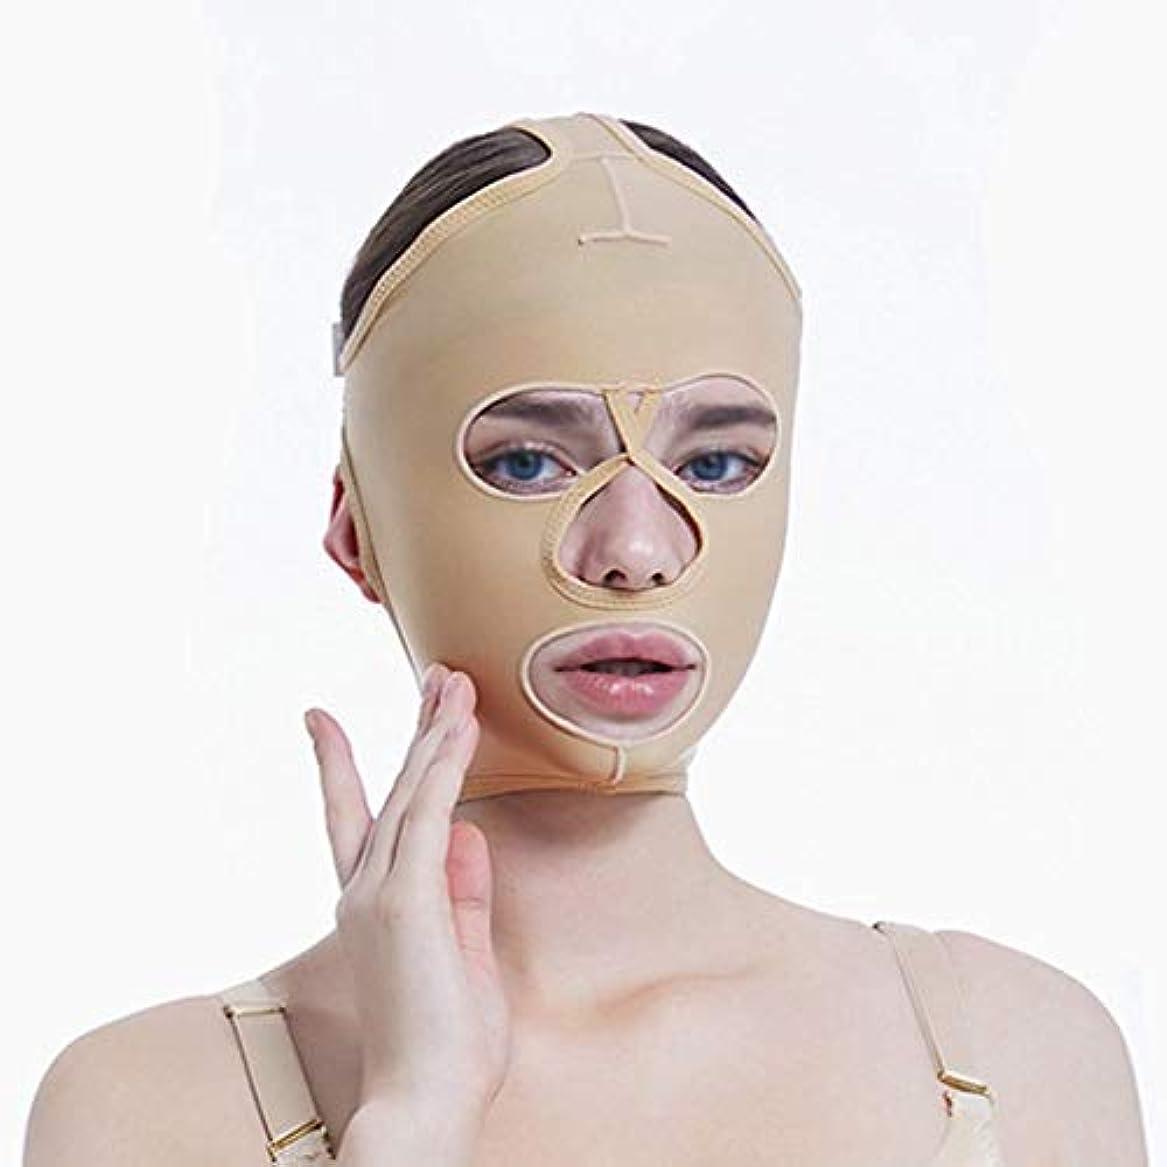 フェンス属する銅チンリフティングベルト、超薄型ベルト、引き締めマスク、包帯吊り、フェイスリフティングマスク、超薄型ベルト、通気性(サイズ:L),ザ?